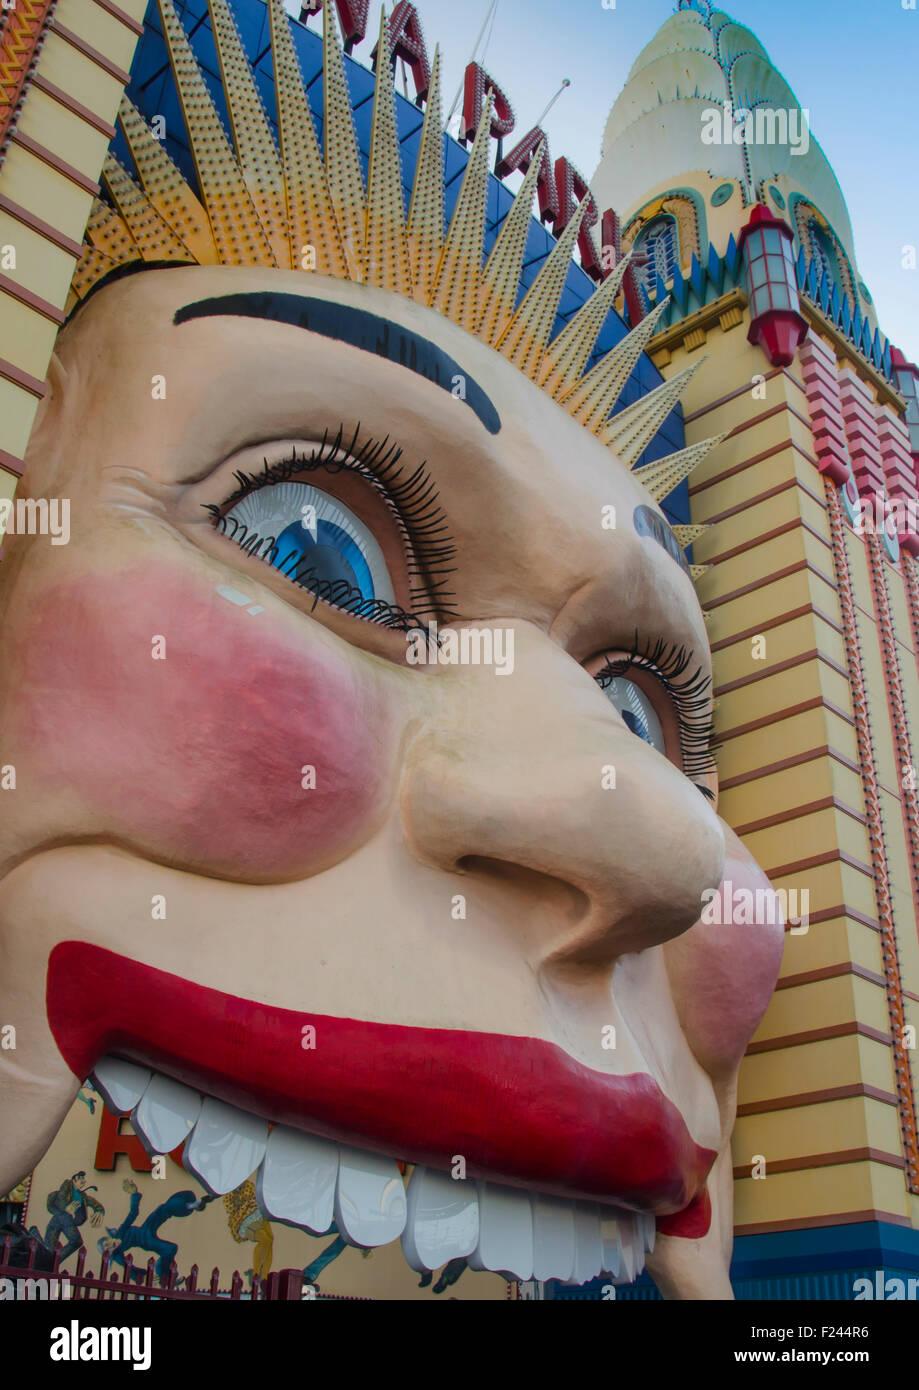 Sydney's Luna Park amusement park - Stock Image